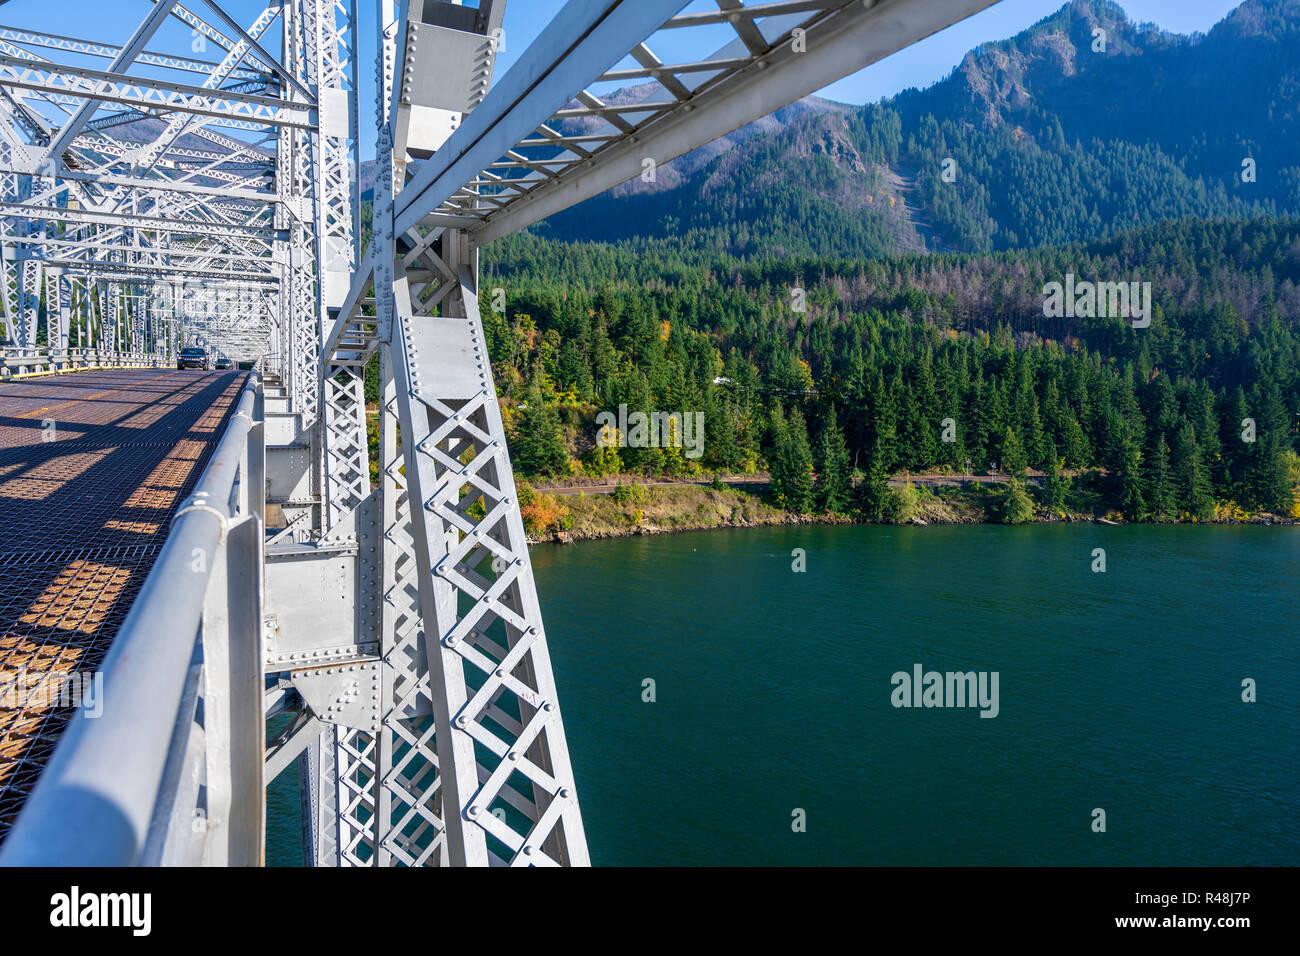 El Puente del braguero de Dios a lo largo del Río Columbia está situado en una pintoresca zona de Columbia Gorge con colinas y montañas rocosas cubiertas de selva - Foto de stock